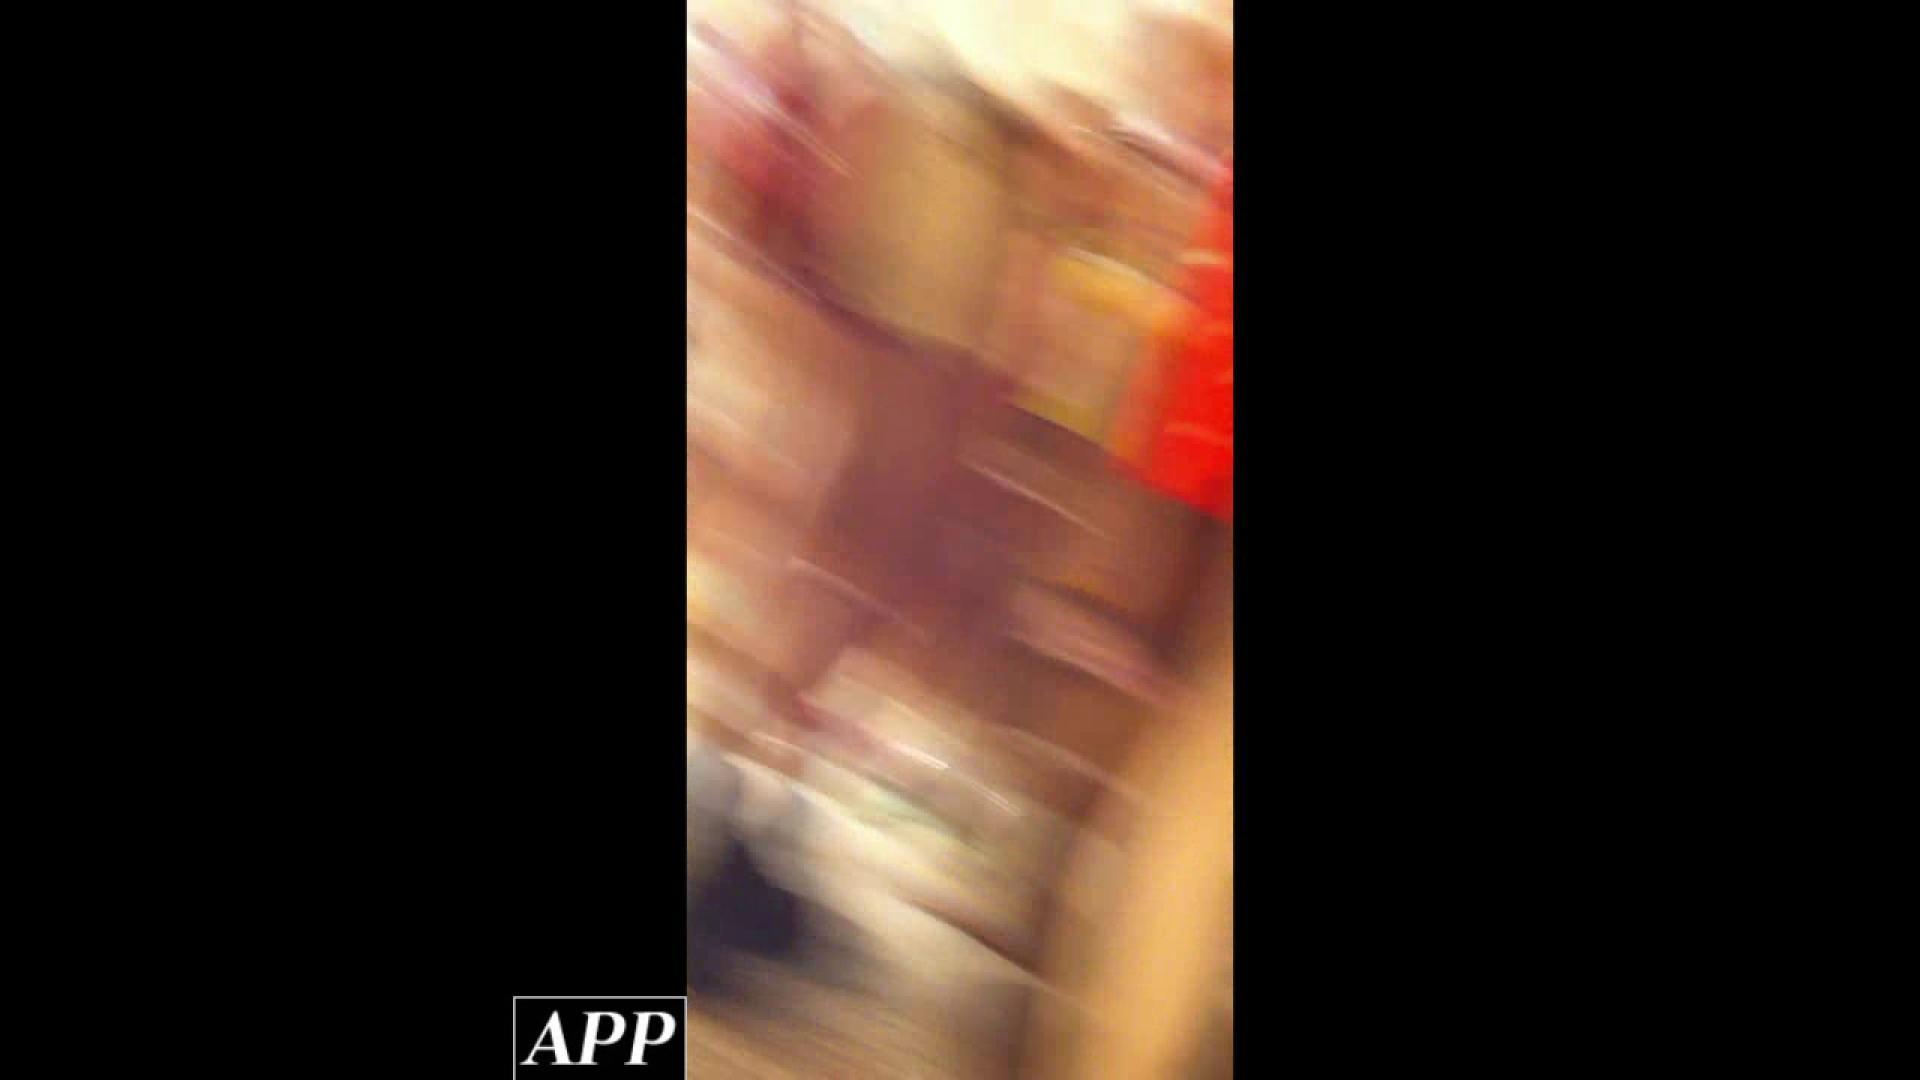 ハイビジョン盗撮!ショップ店員千人斬り!胸チラ編 vol.86 OLエロ画像 盗撮アダルト動画キャプチャ 102PICs 92